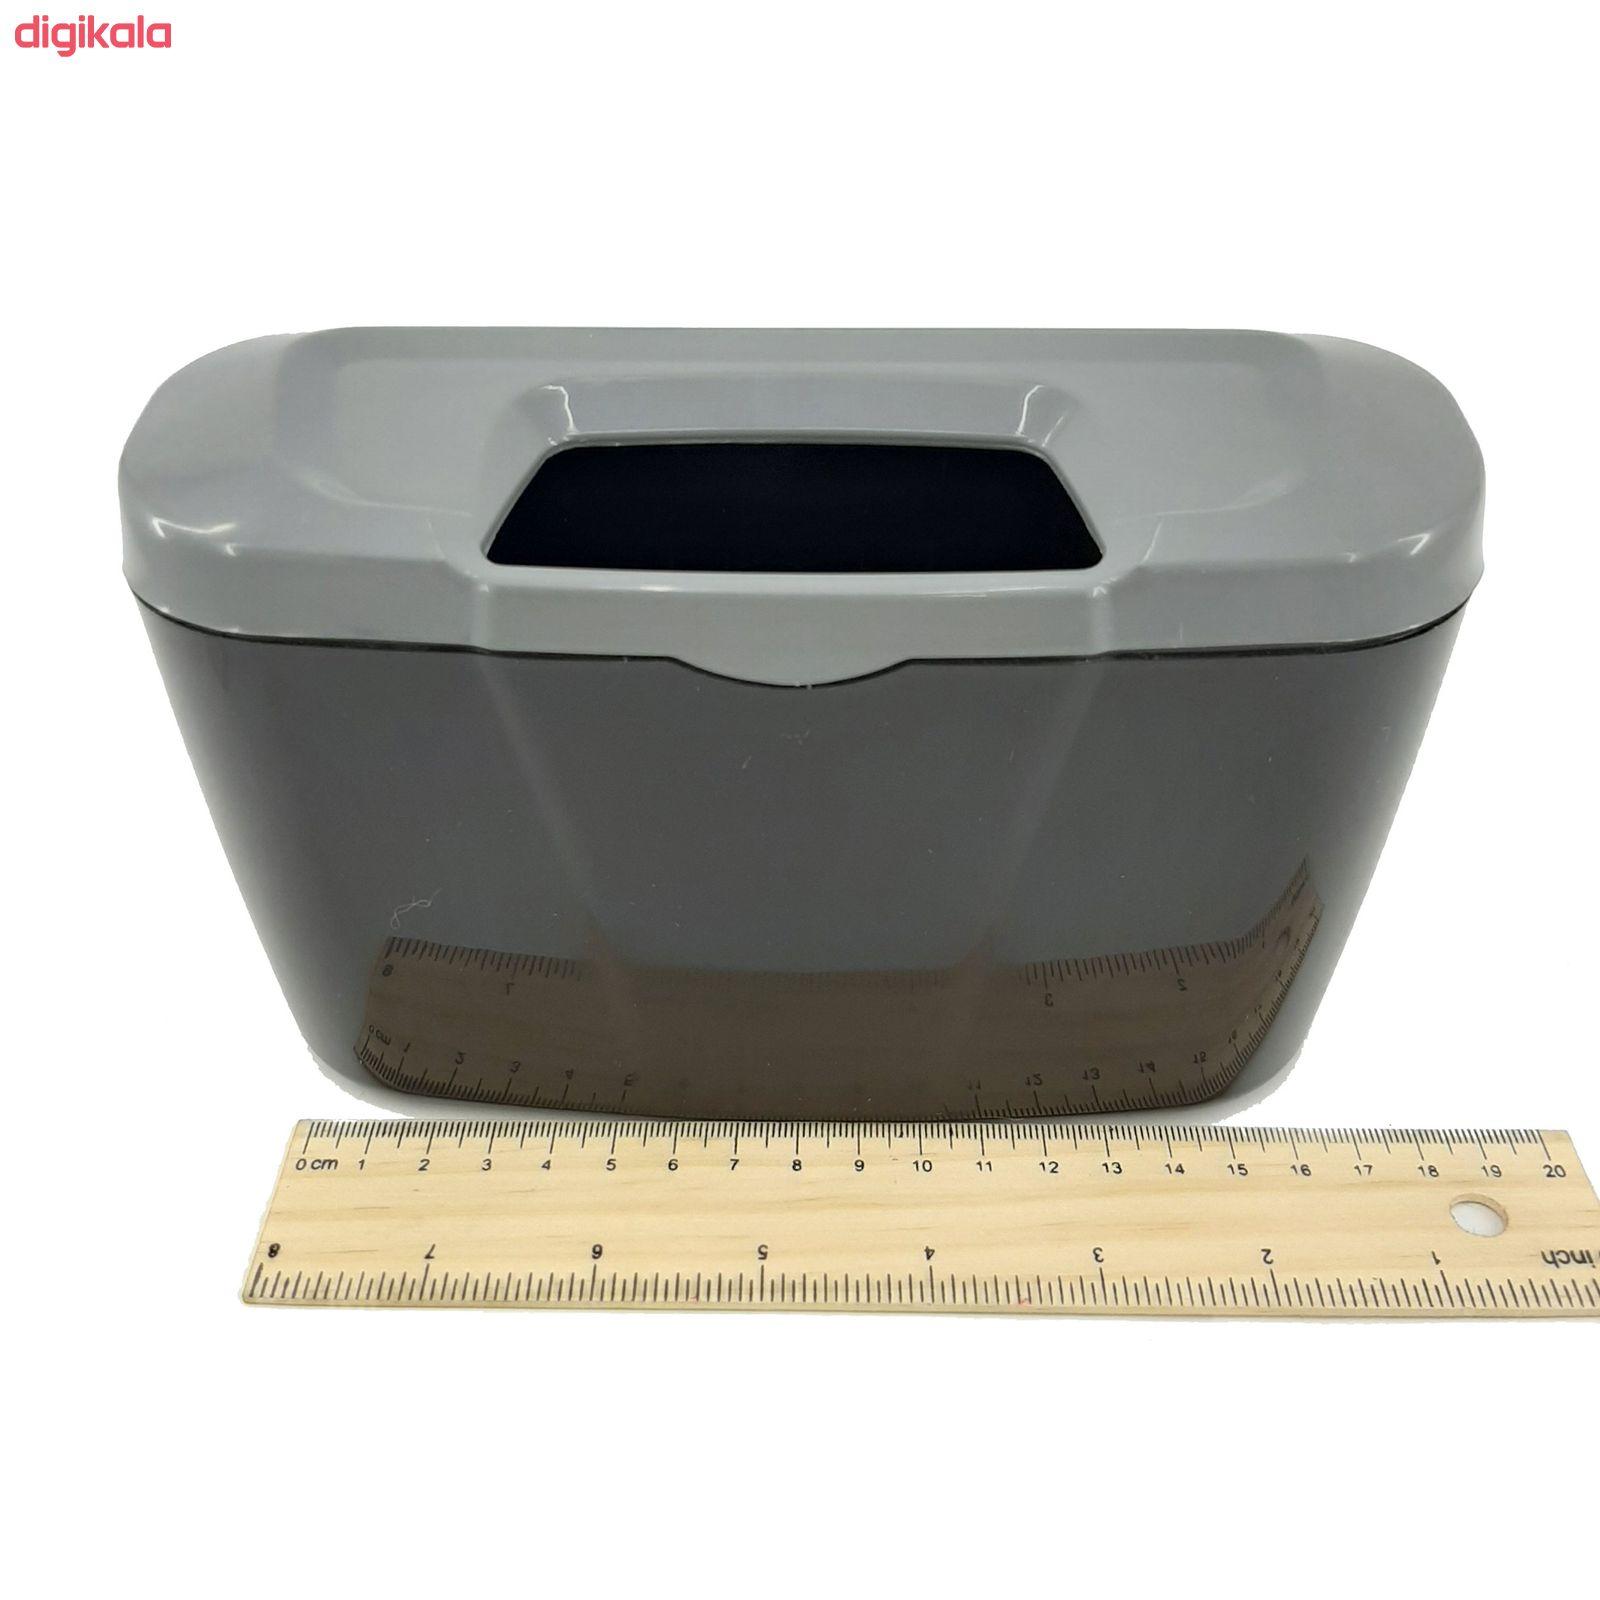 سطل زباله خودرو کد CT-05 main 1 2